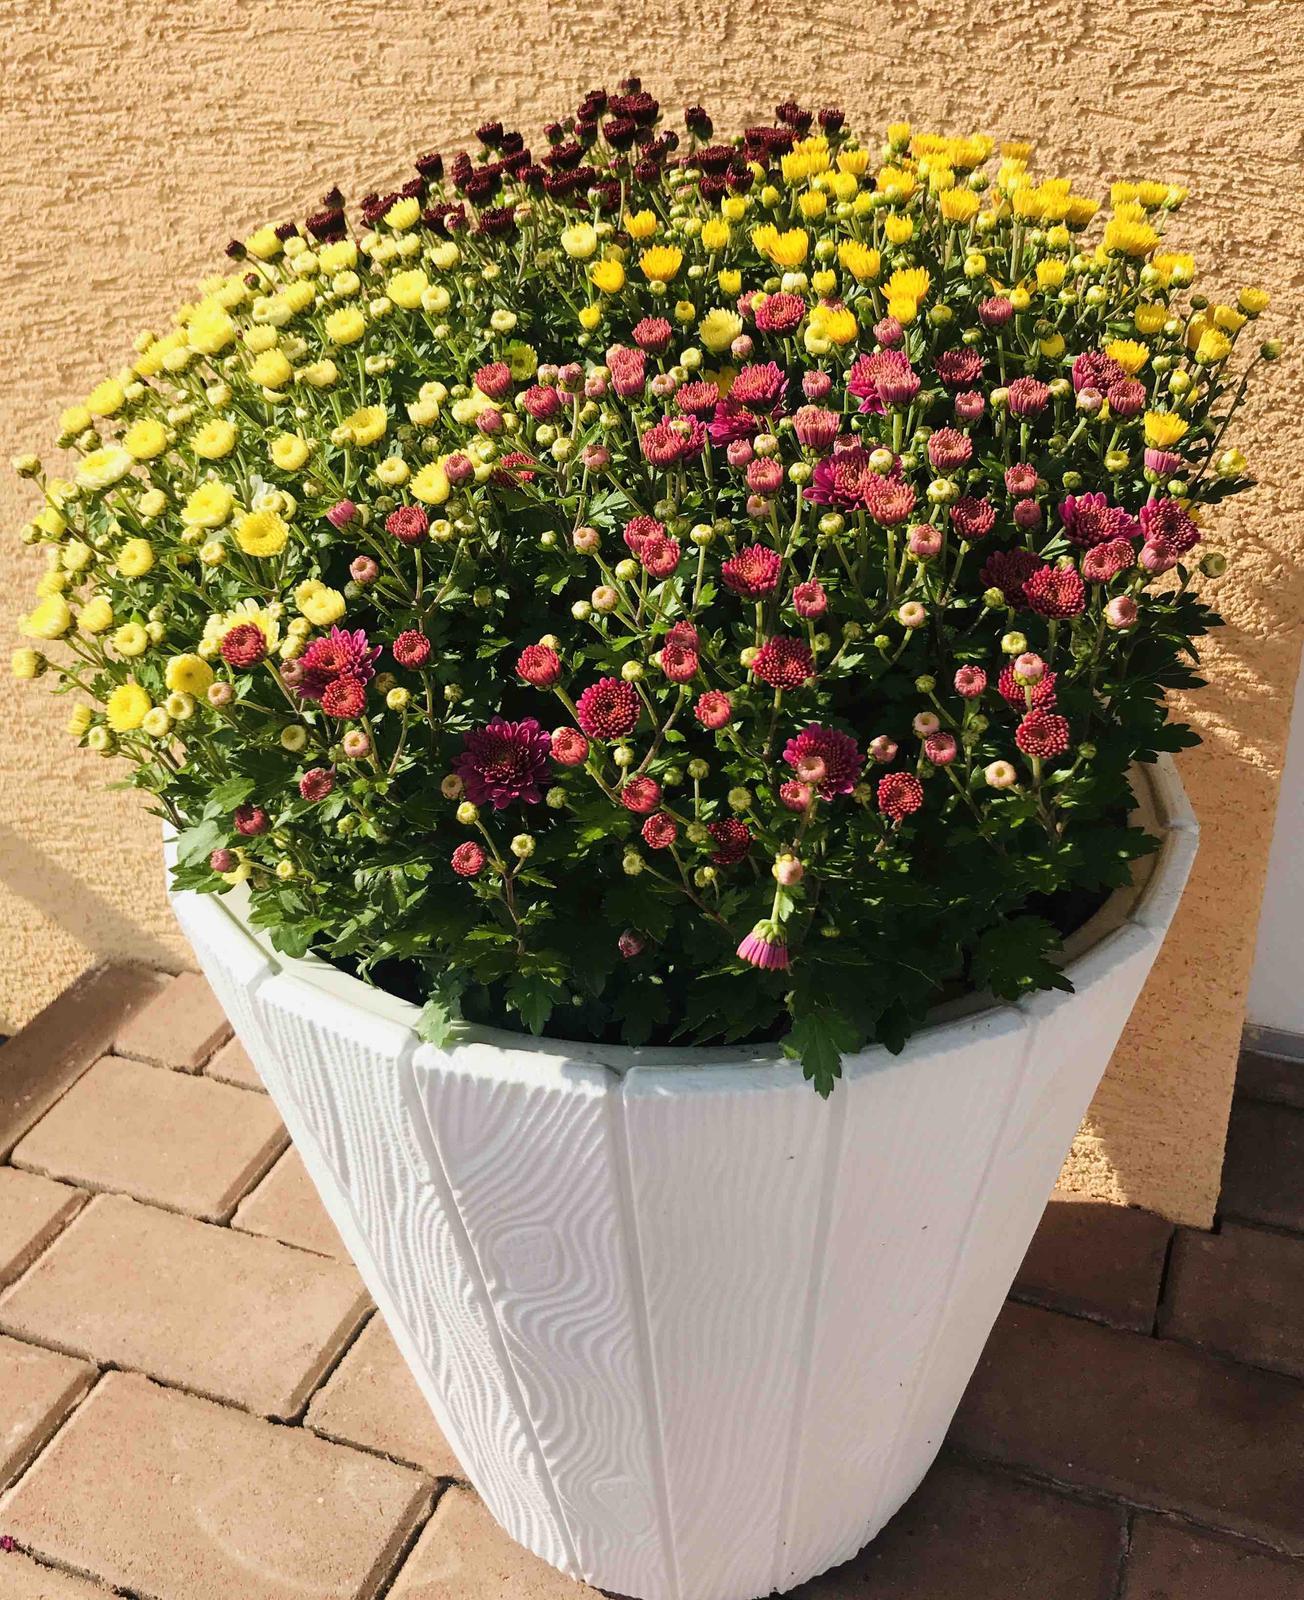 Naše barevná zahrada 🌸 - Nemohla jsem se rozhodnout jakou barvu, tak jsem vzala čtyřbarevnou 🤗